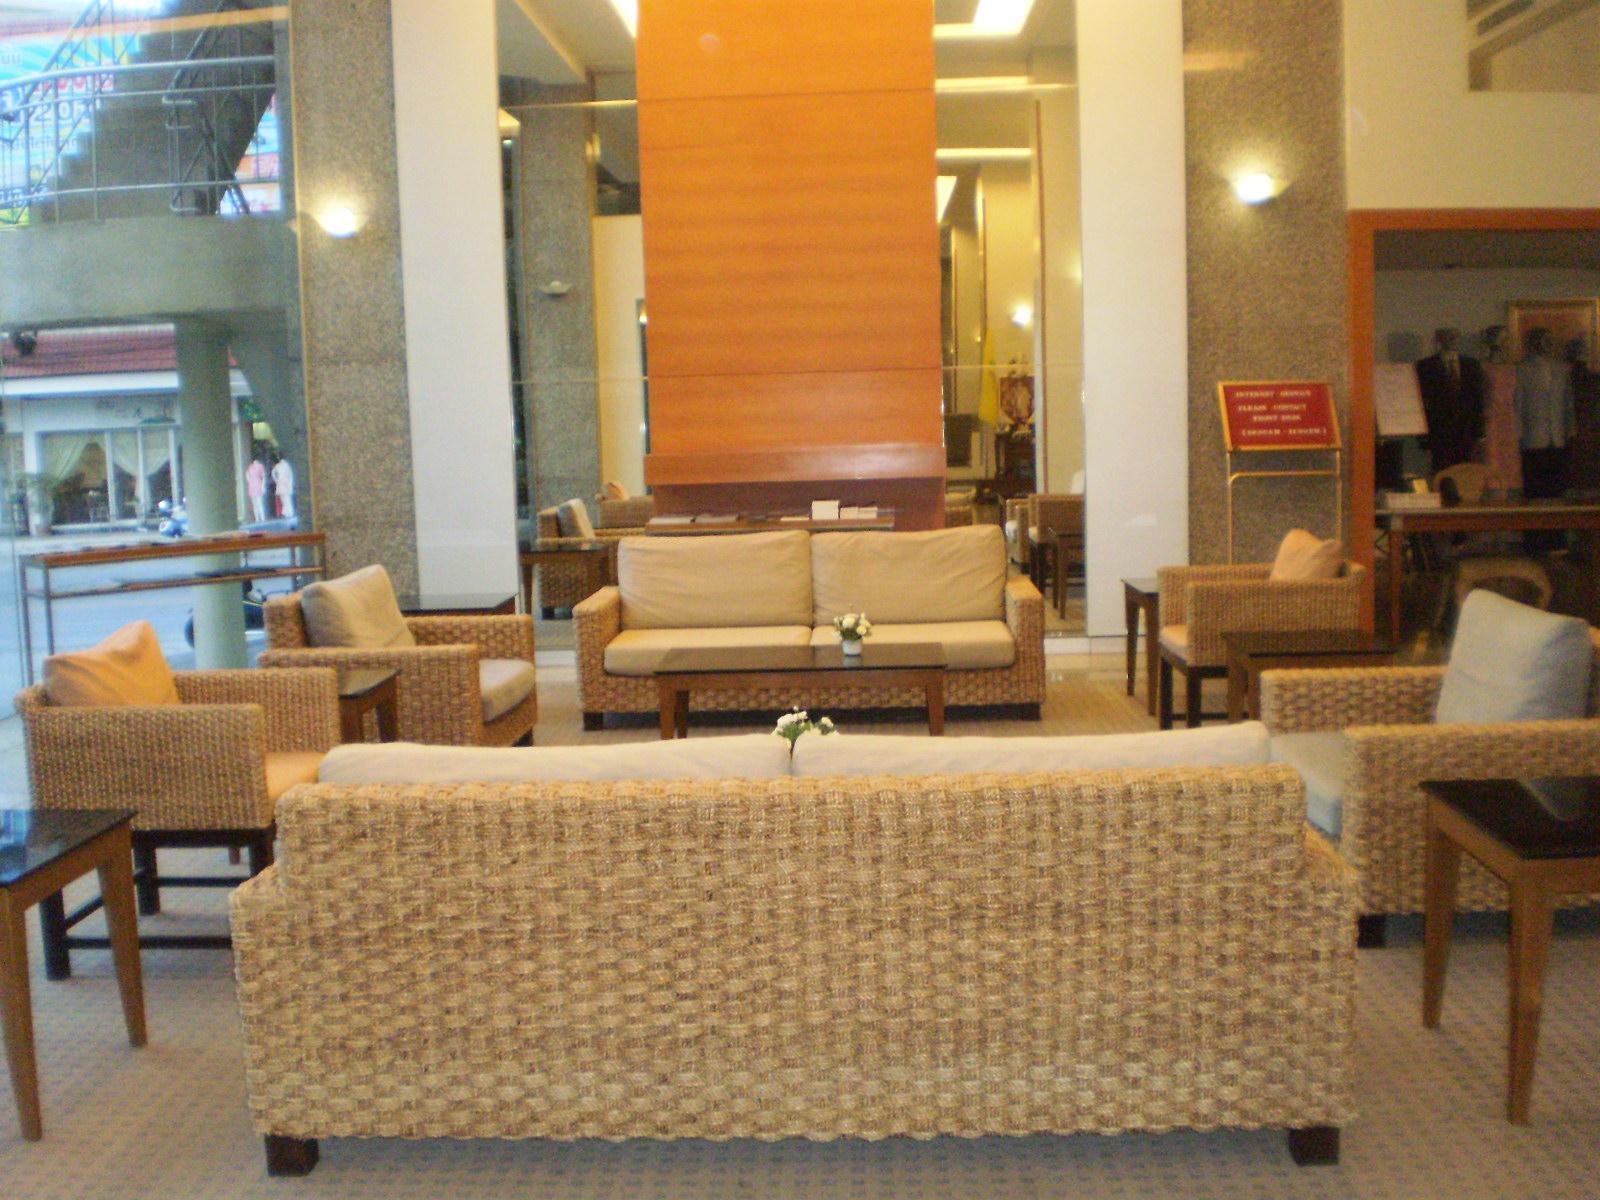 โรงแรมลานนา พาเลซ 2004